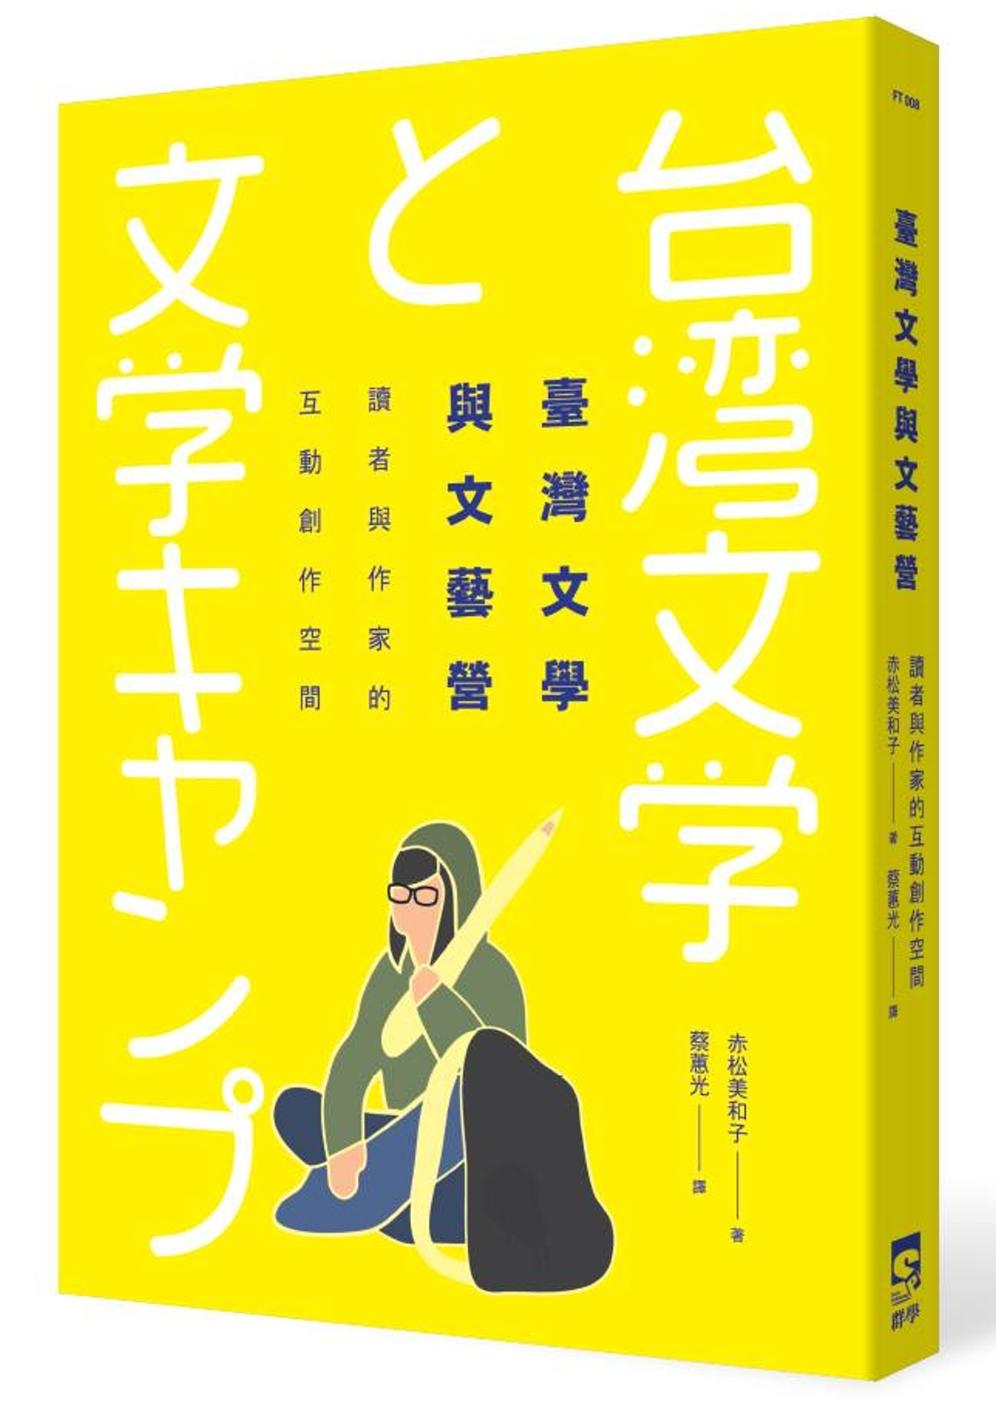 臺灣文學與文藝營:讀者與作家的互動創作空間